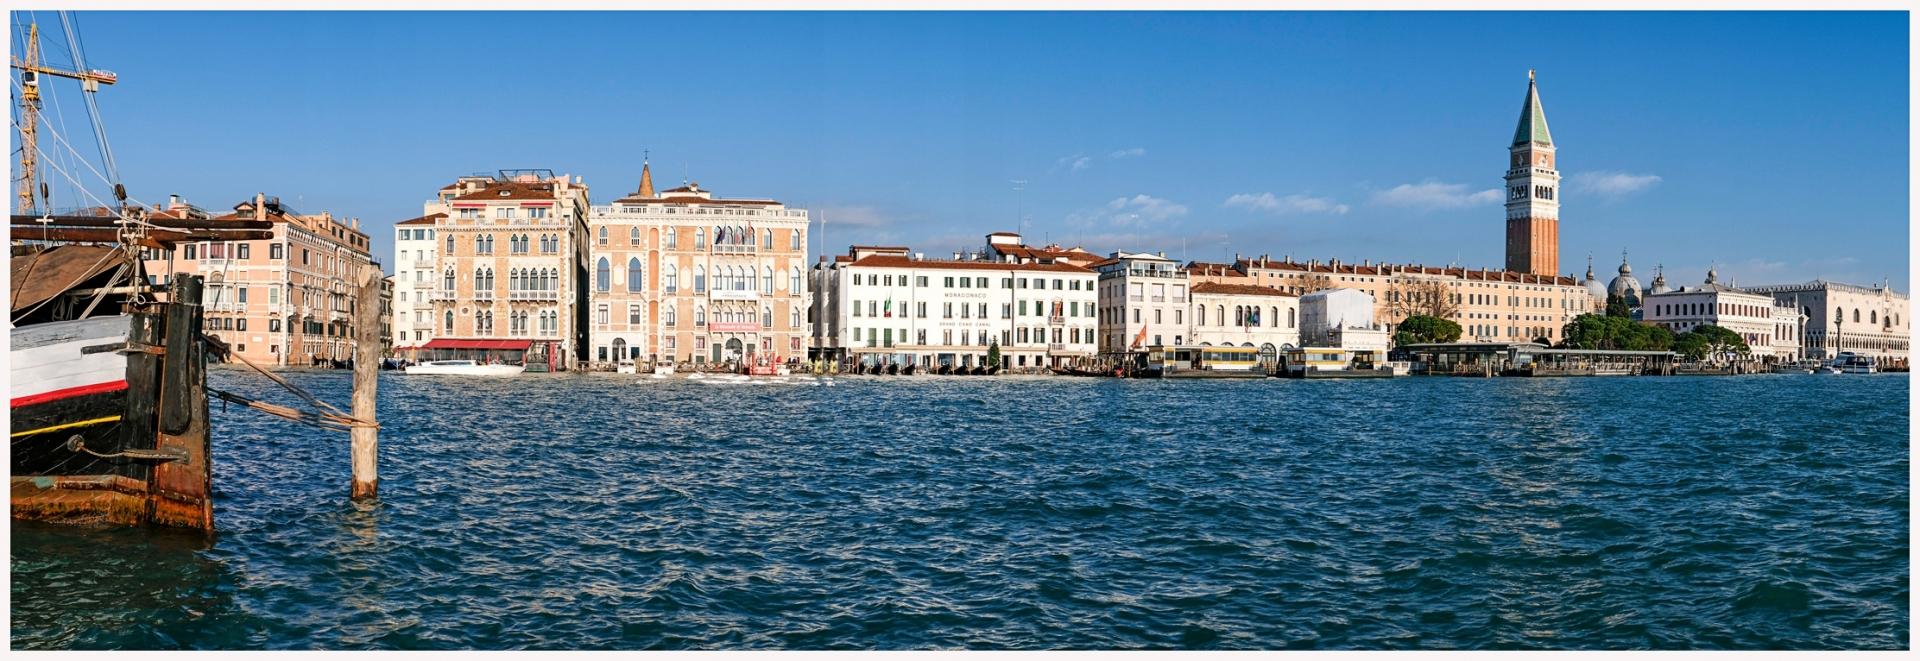 03-Venedig-1218